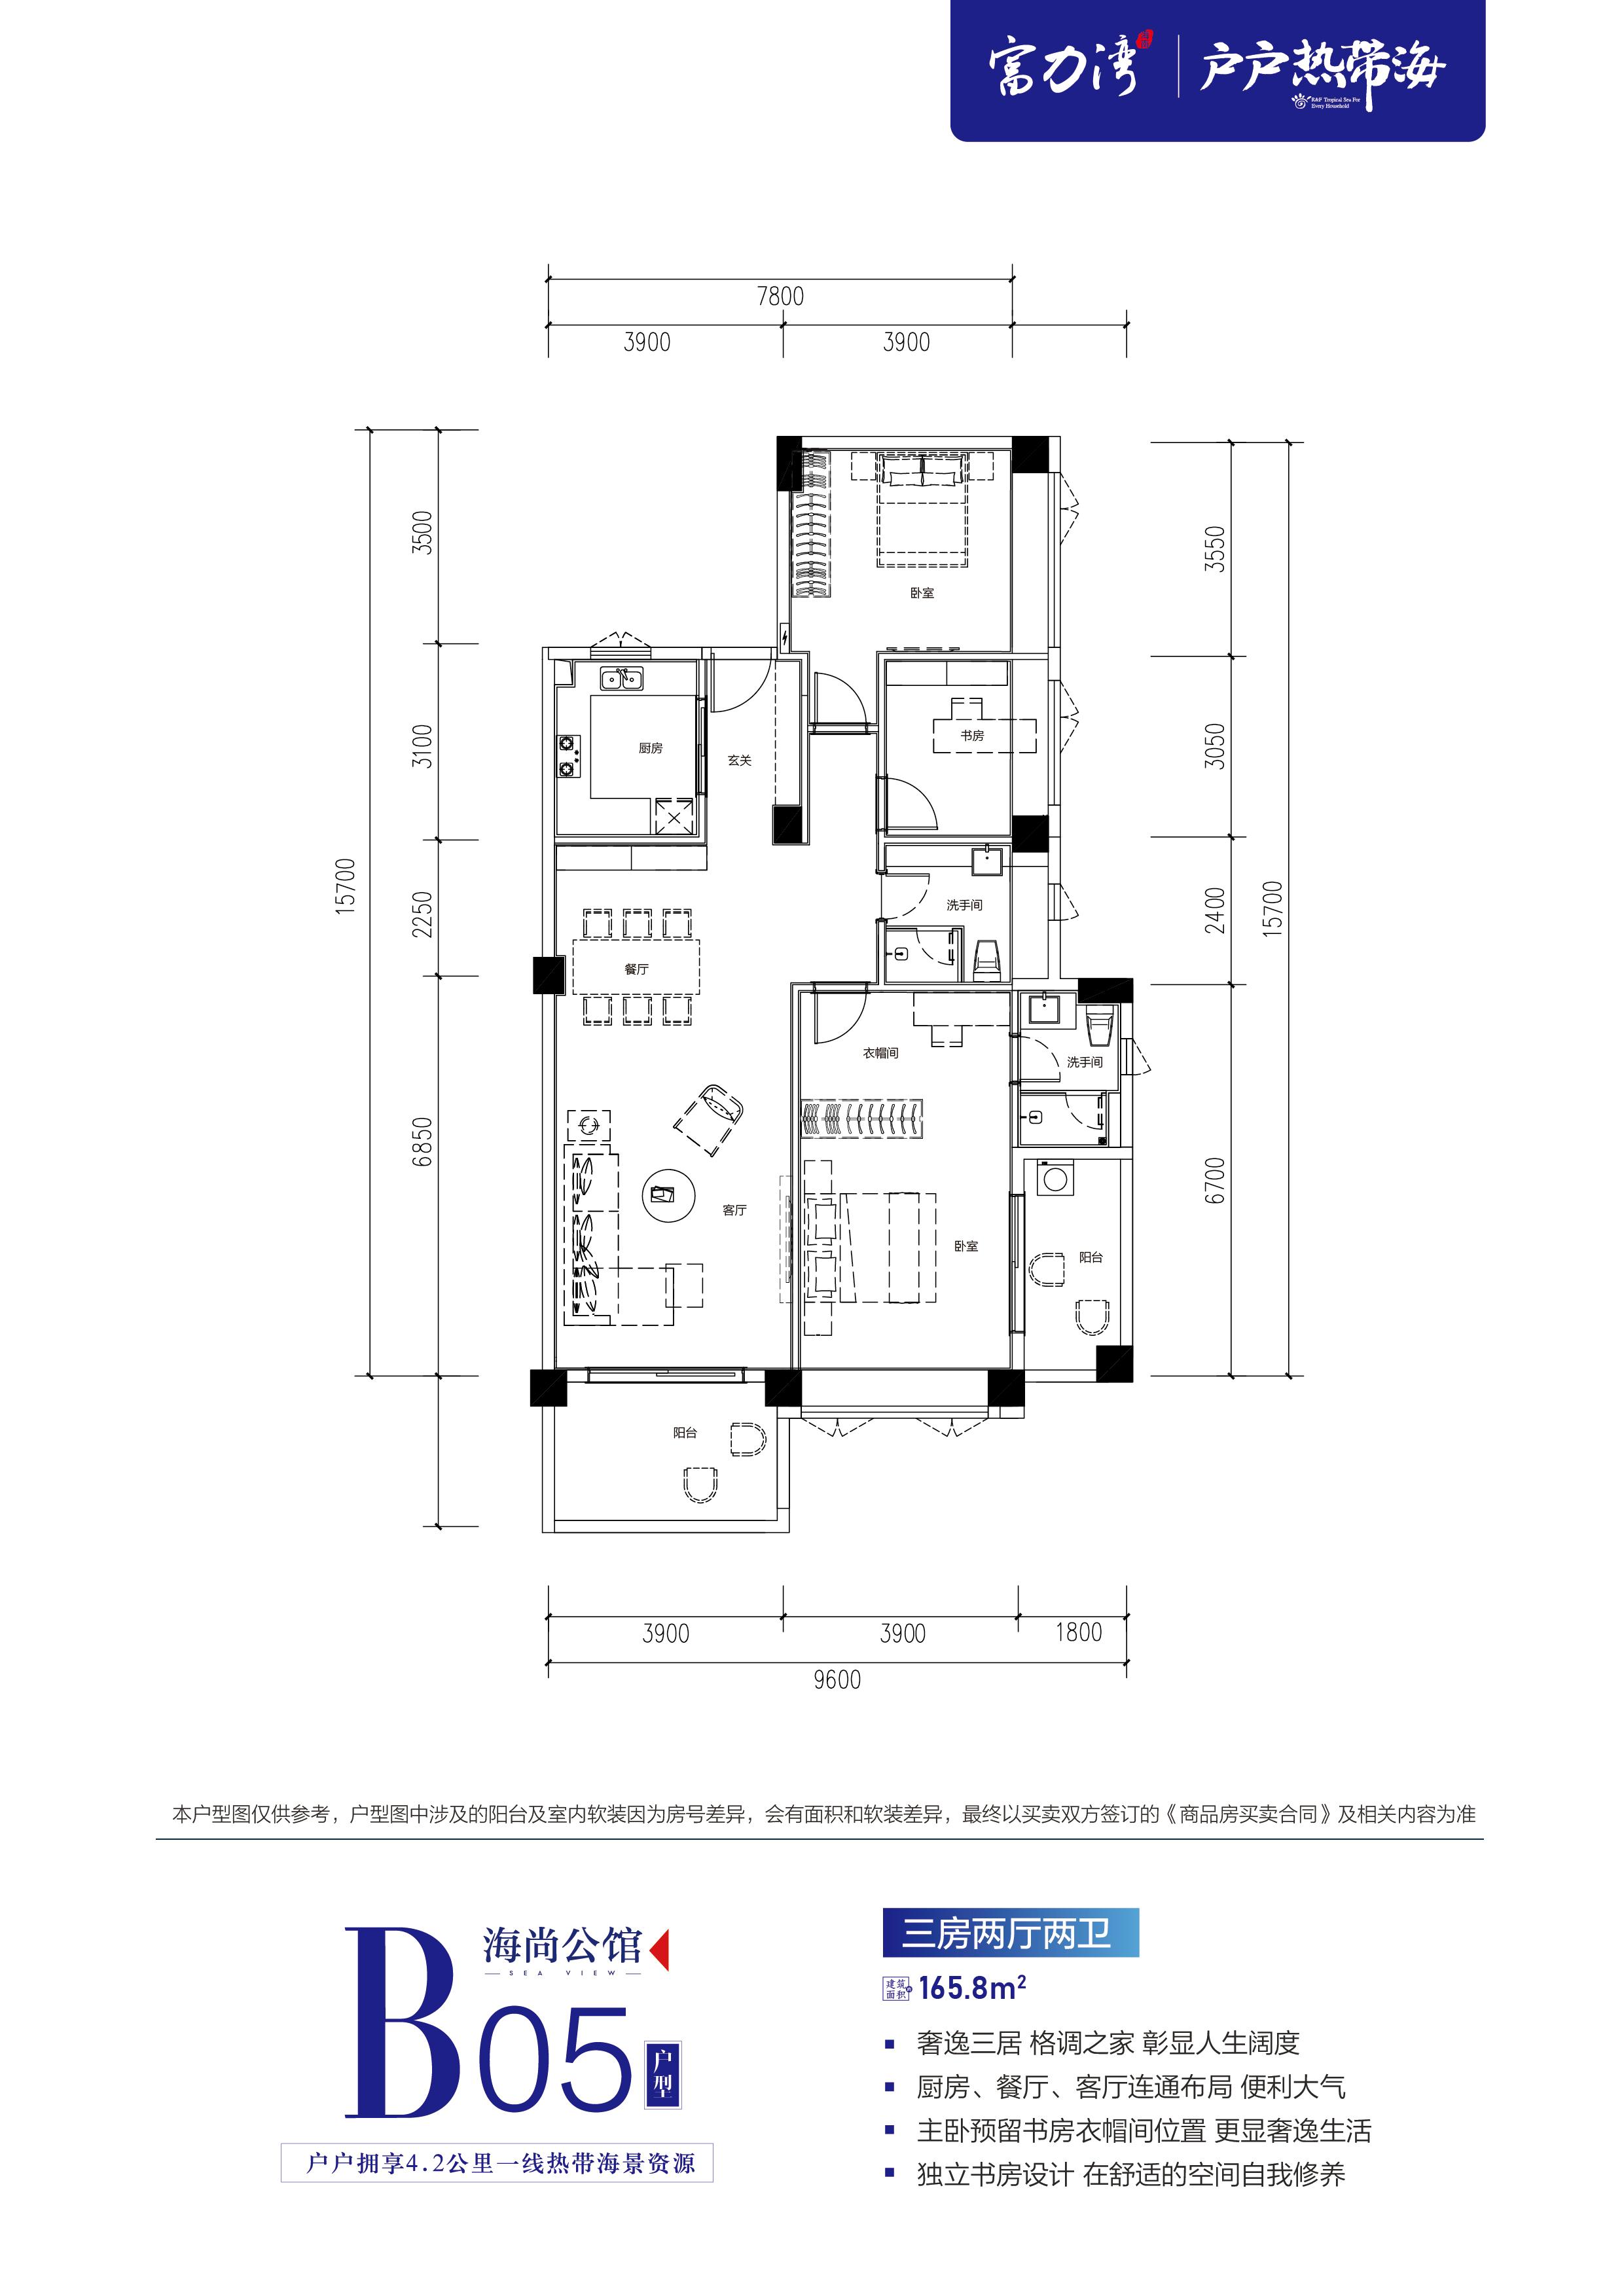 海尚公馆B05户型 3室2厅2卫 建面约165.8㎡